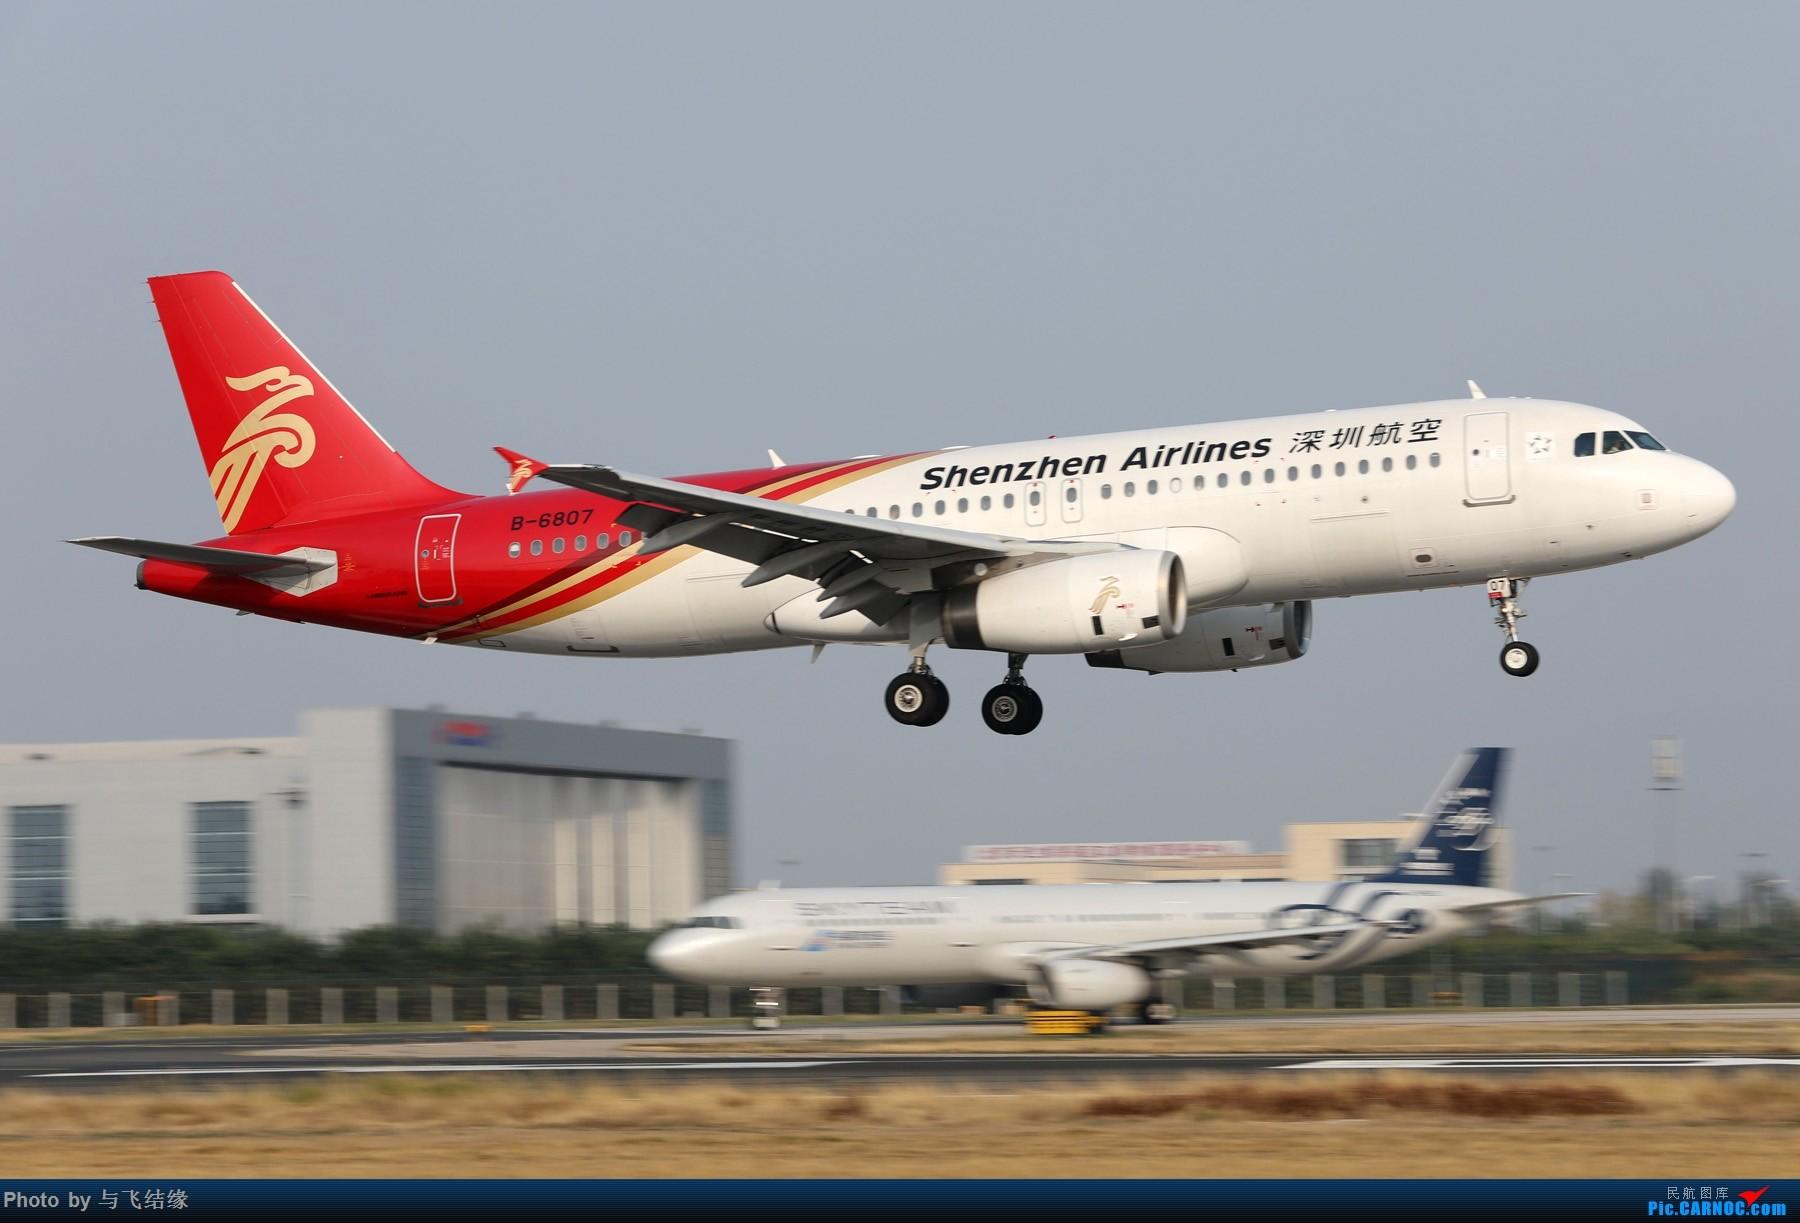 [原创]深圳航空B-6807,Airbus A320-200在PEK降落瞬间三连拍。 AIRBUS A320-200 B-6807 中国北京首都国际机场